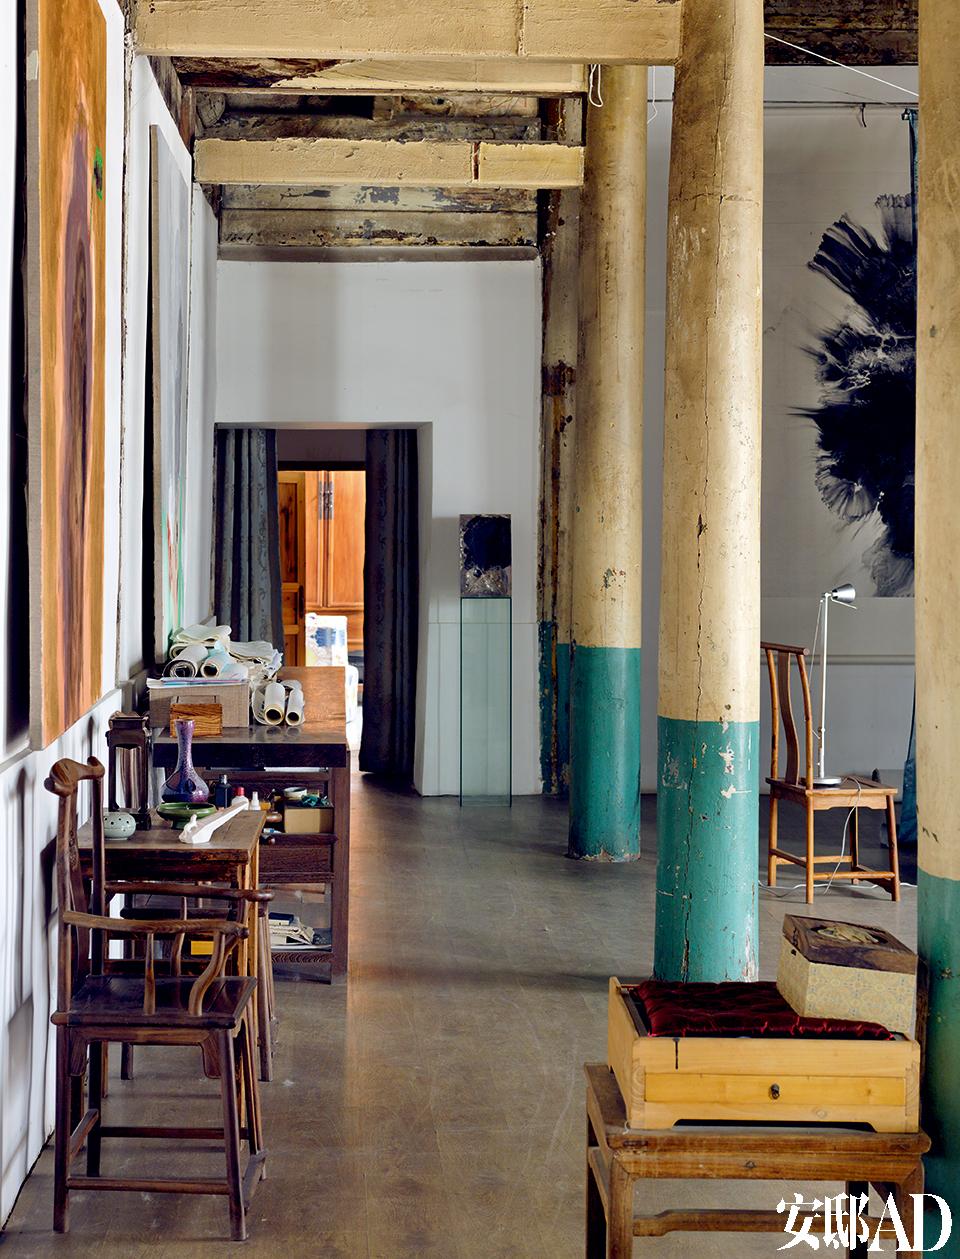 踩着大厅的木地板,去往东侧厨房和书房。